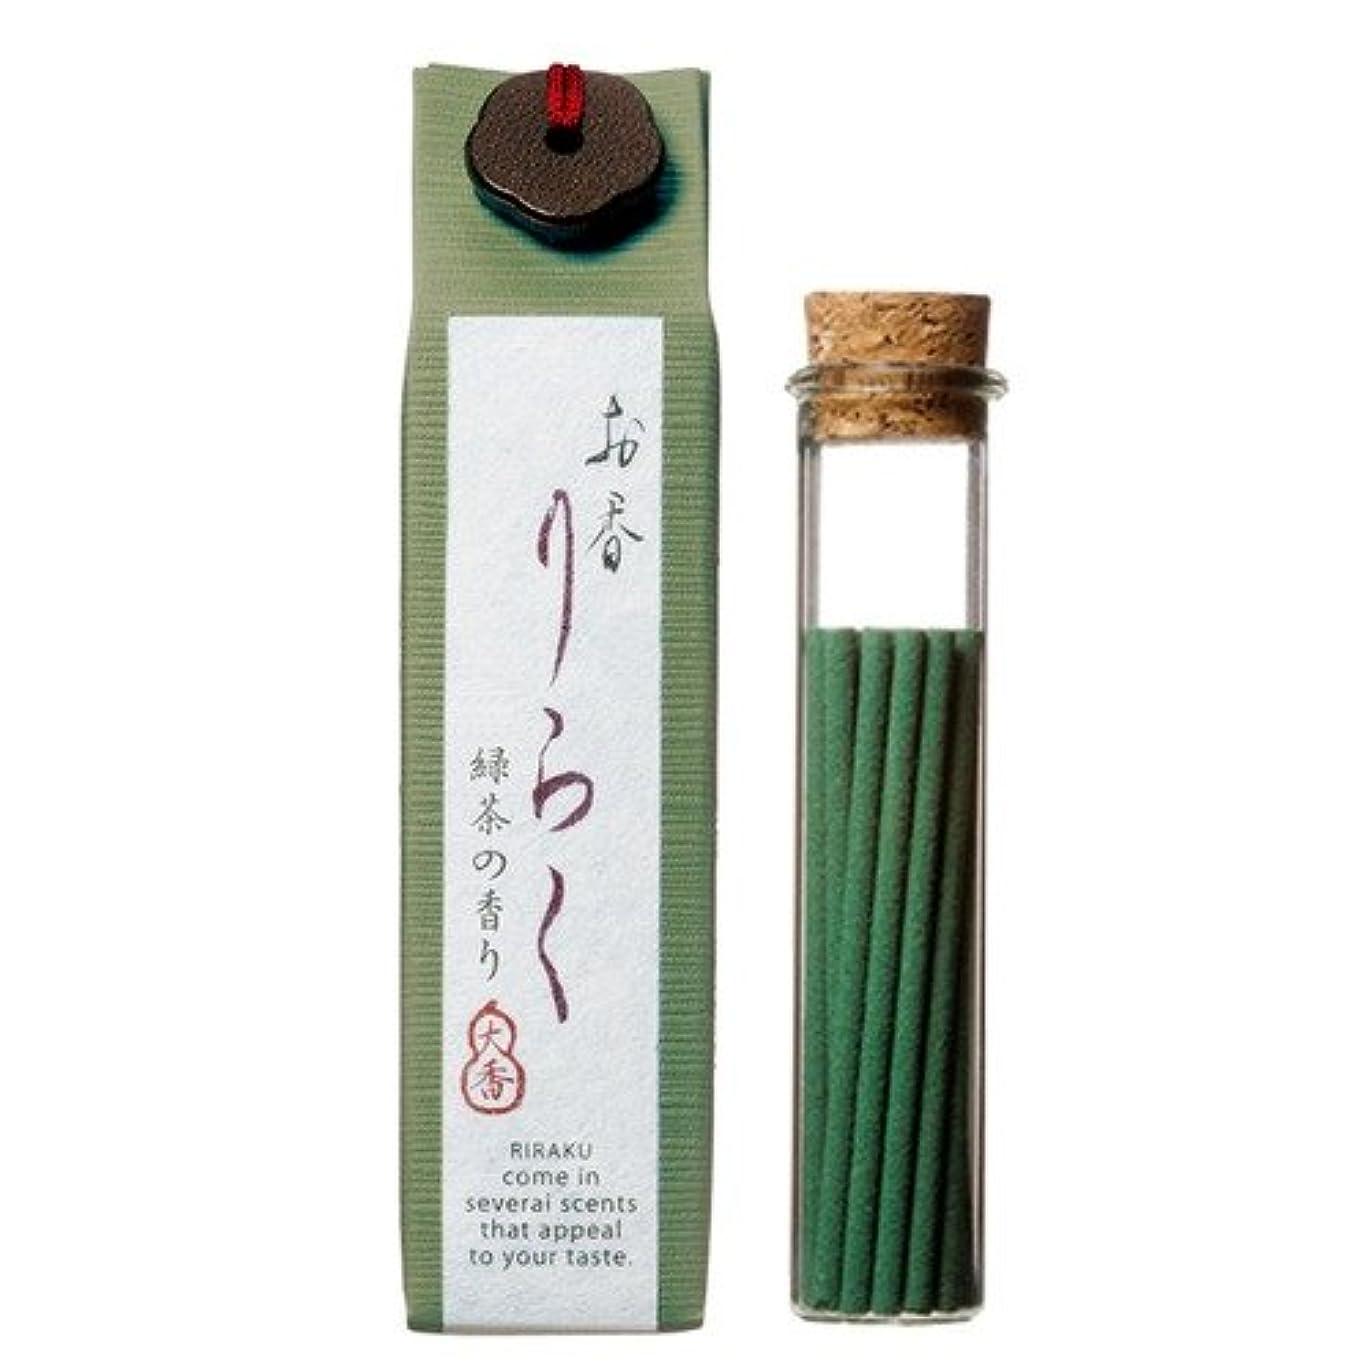 バイバイ欲しいです啓発するお香 りらく 緑茶 15本入